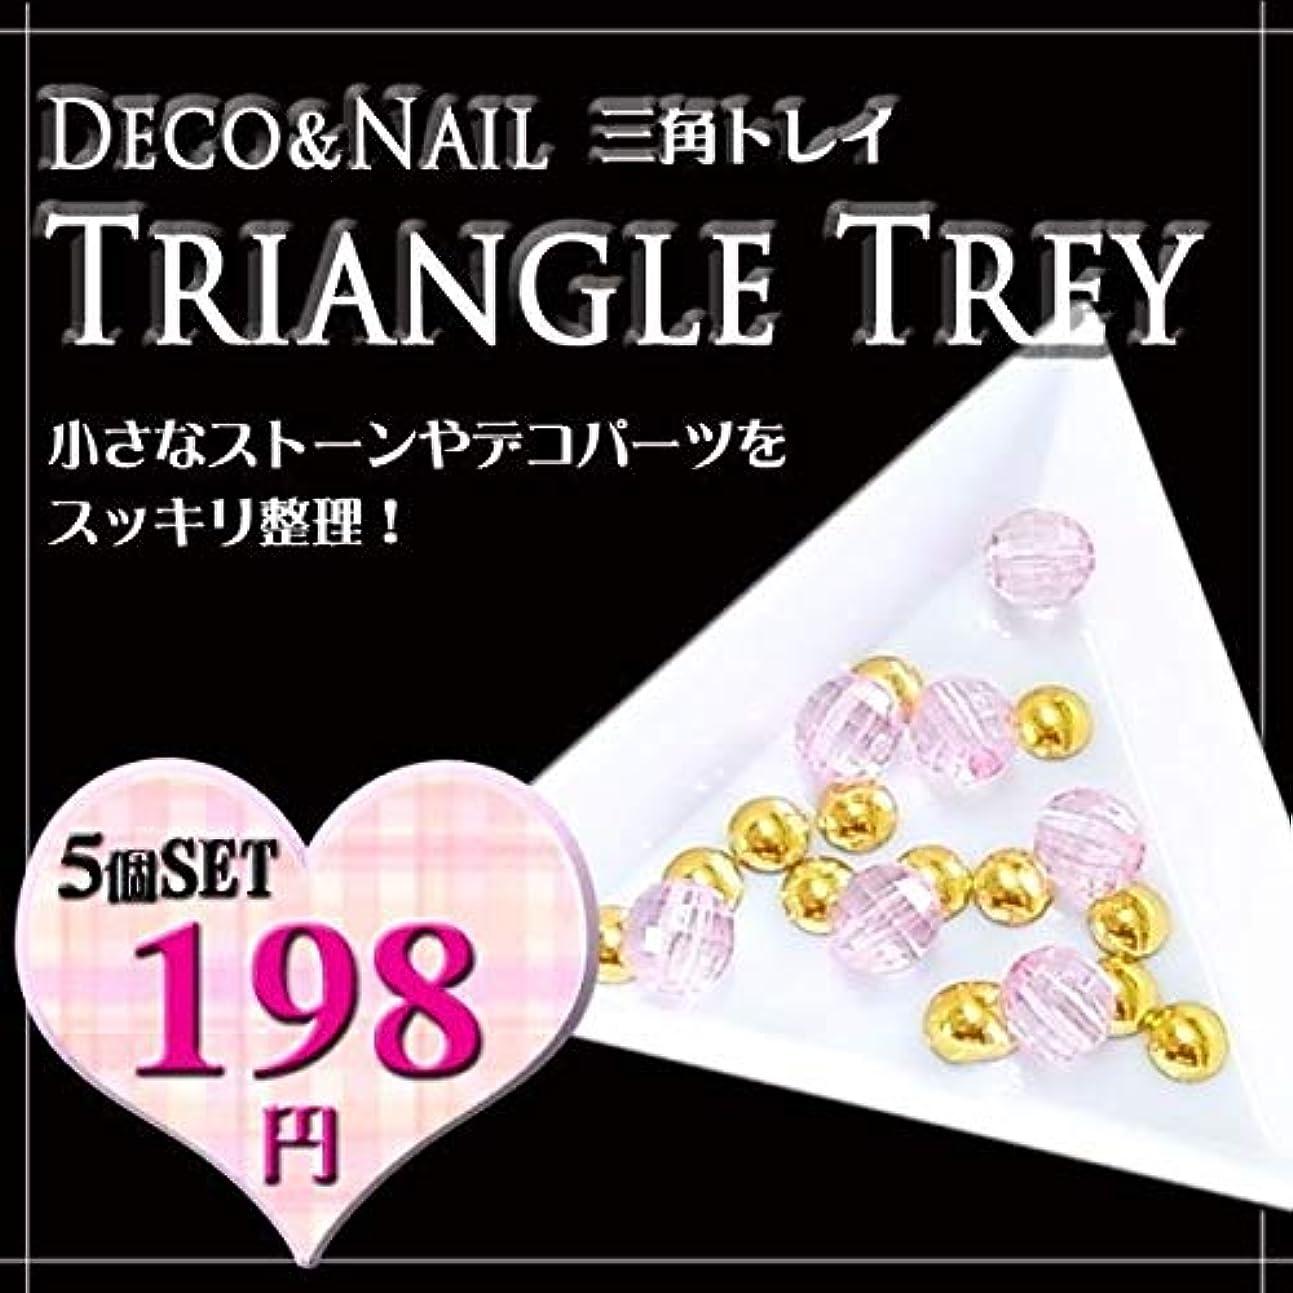 種強打特に三角トレイ 5個セット